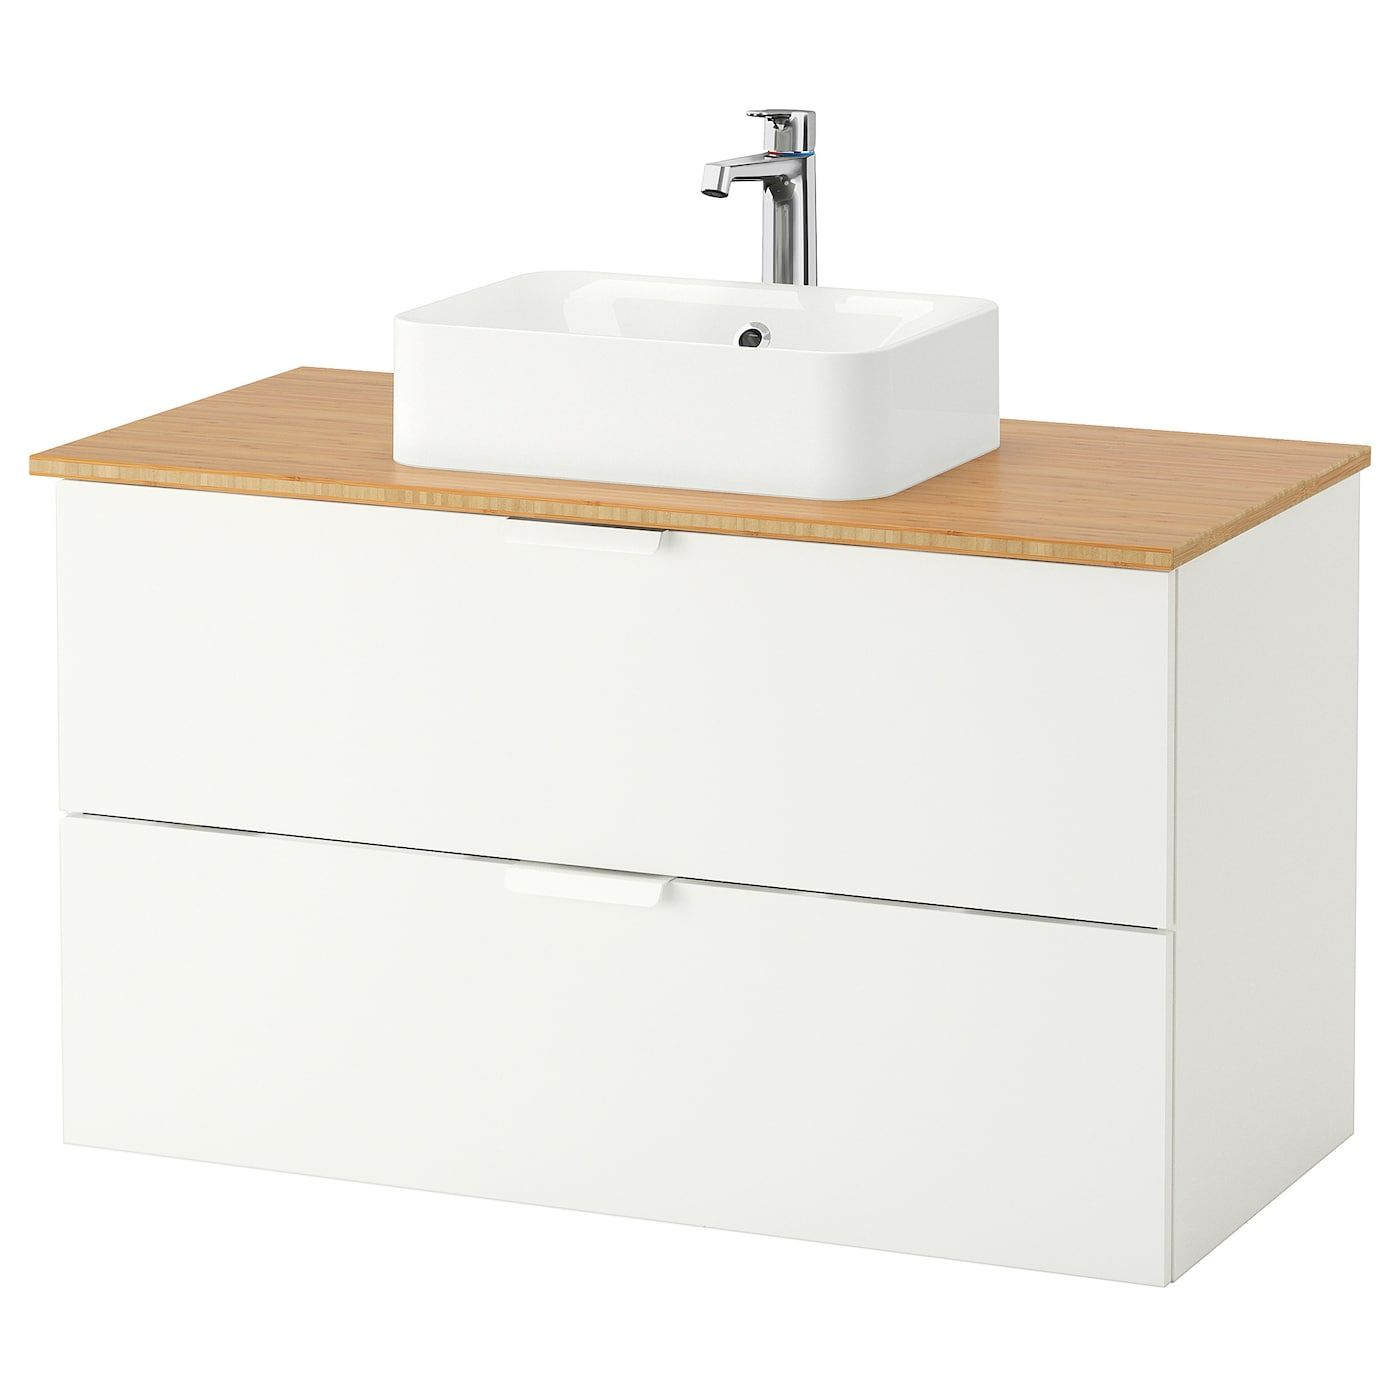 Ikea Godmorgon Tolken Horvik Bathroom Vanity White Bamboo